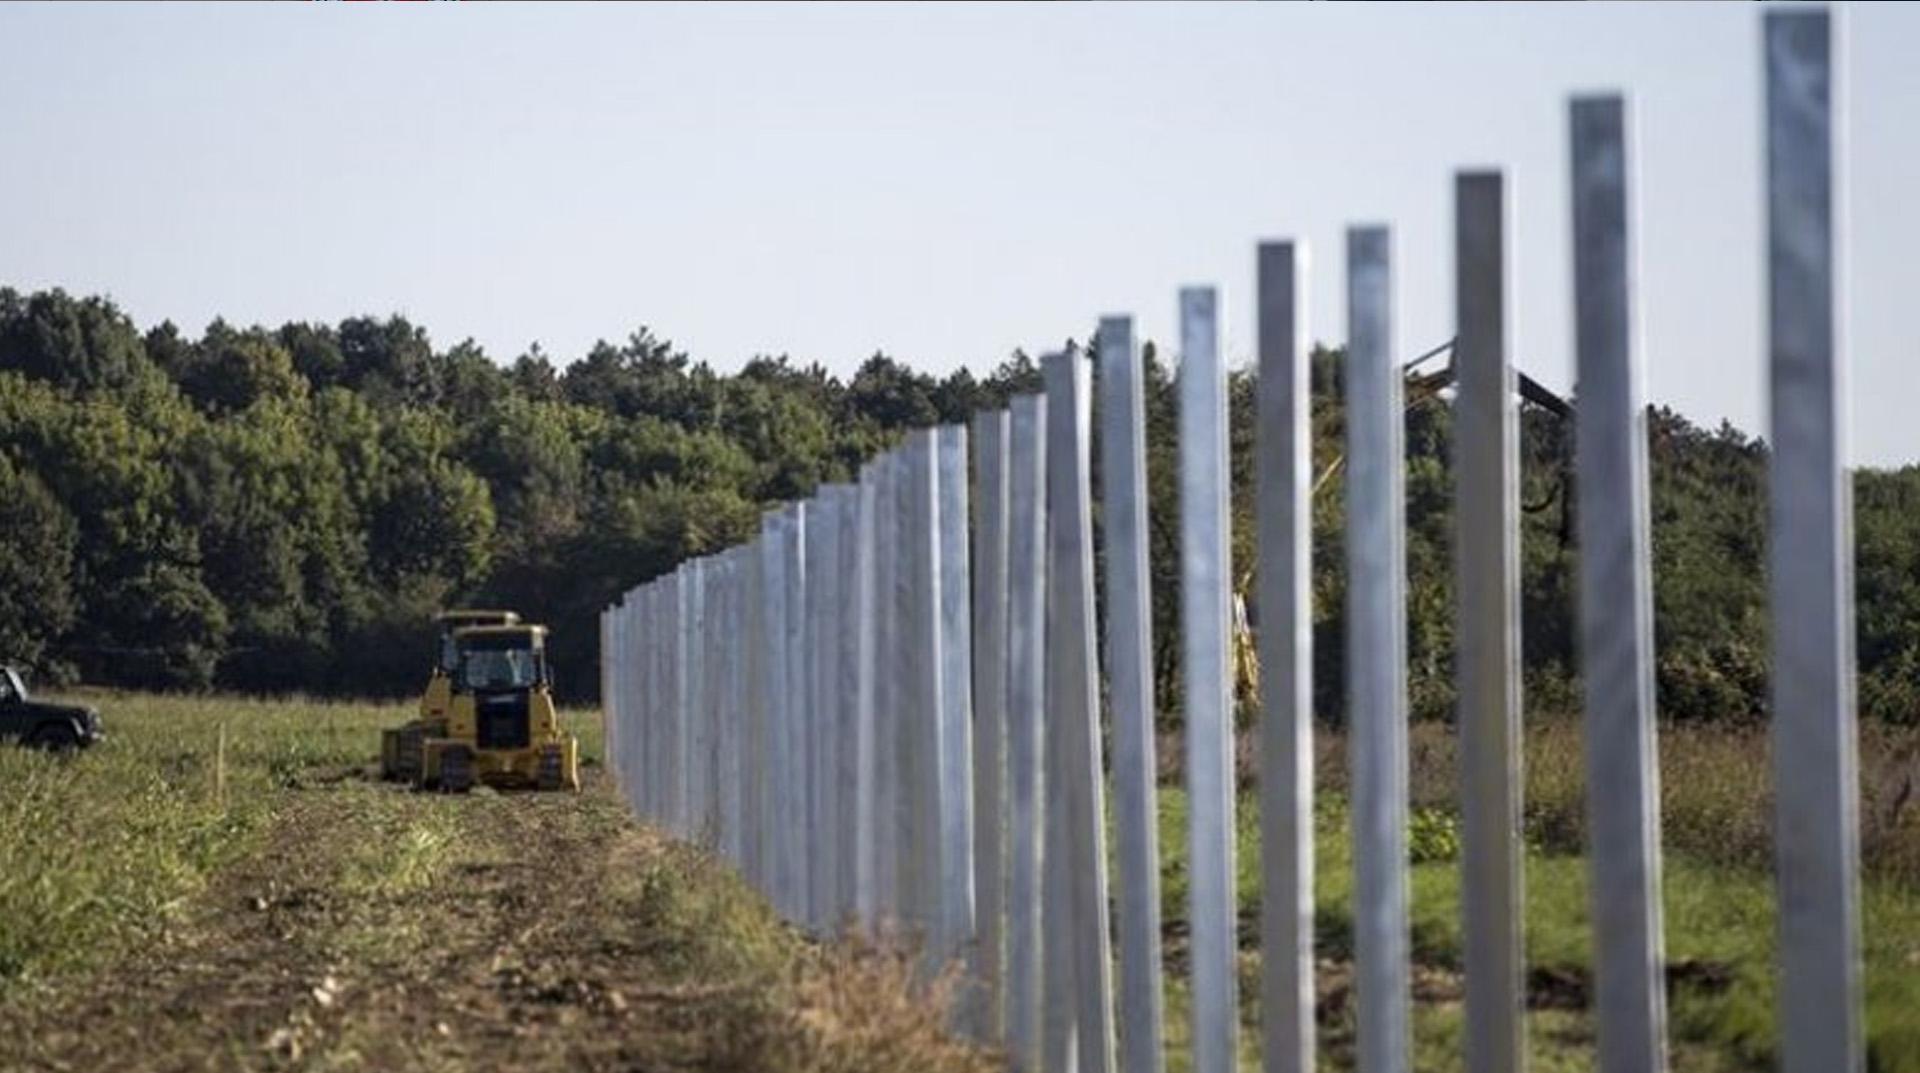 Avrupa Mültecilere Karşı Yeni Berlin Duvarları İnşa Etti